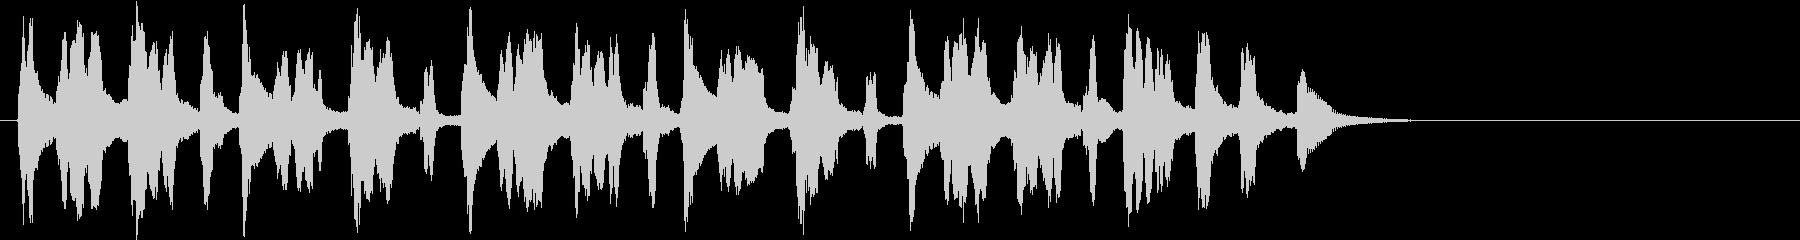 コミカルな電子音のBGM ジングルにもの未再生の波形